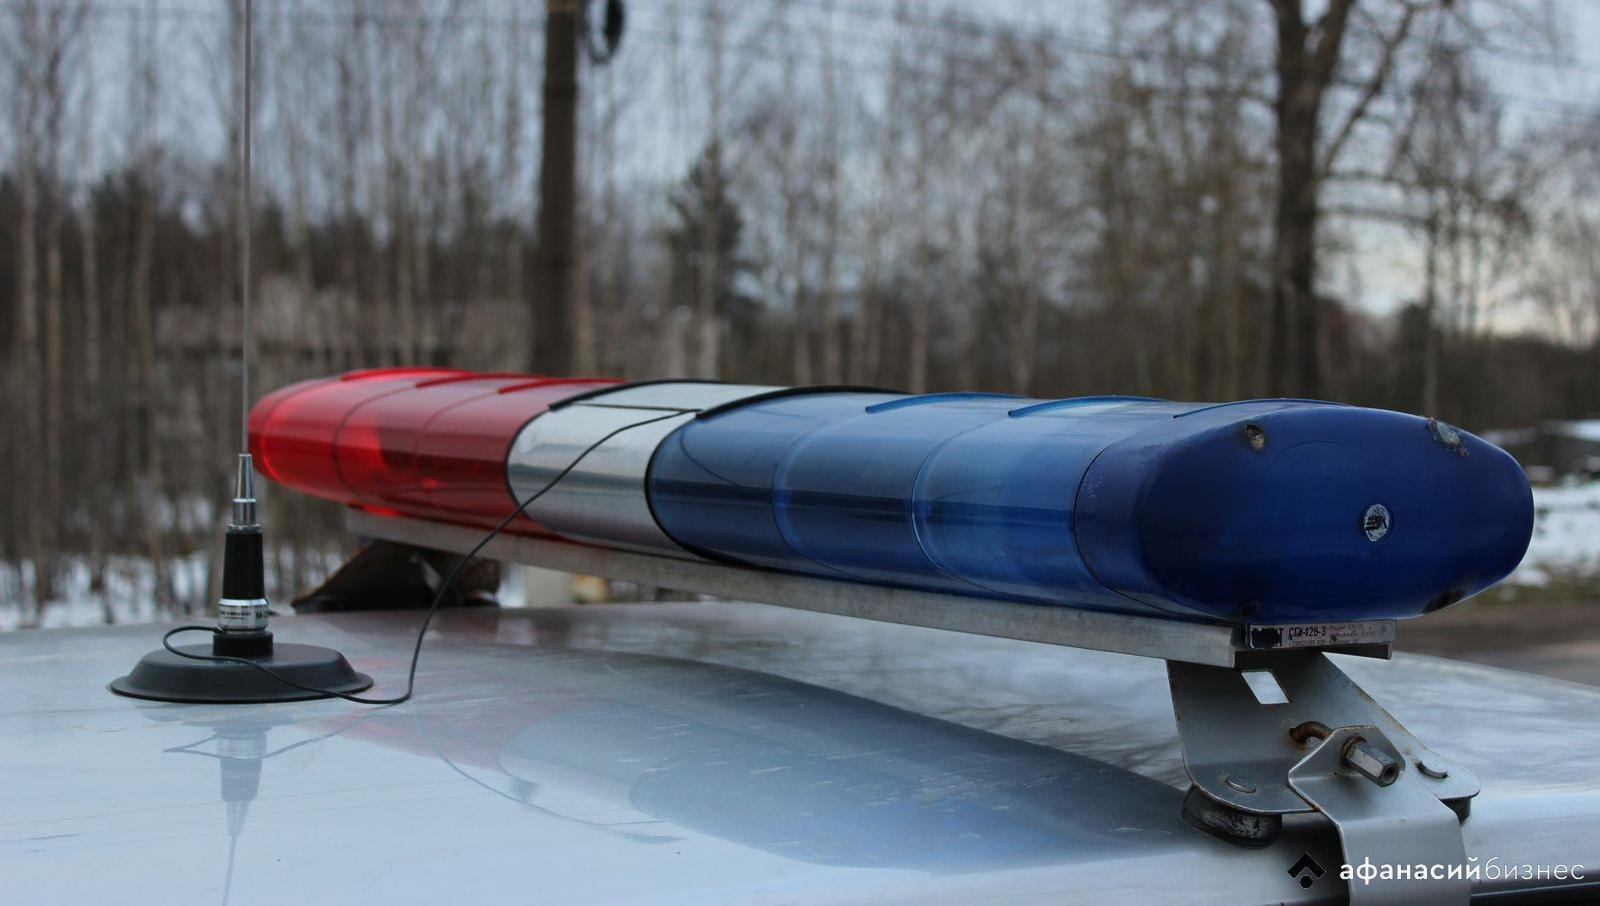 В Тверской области пьяный мотоциклист устроил ДТП с пострадавшими - новости Афанасий